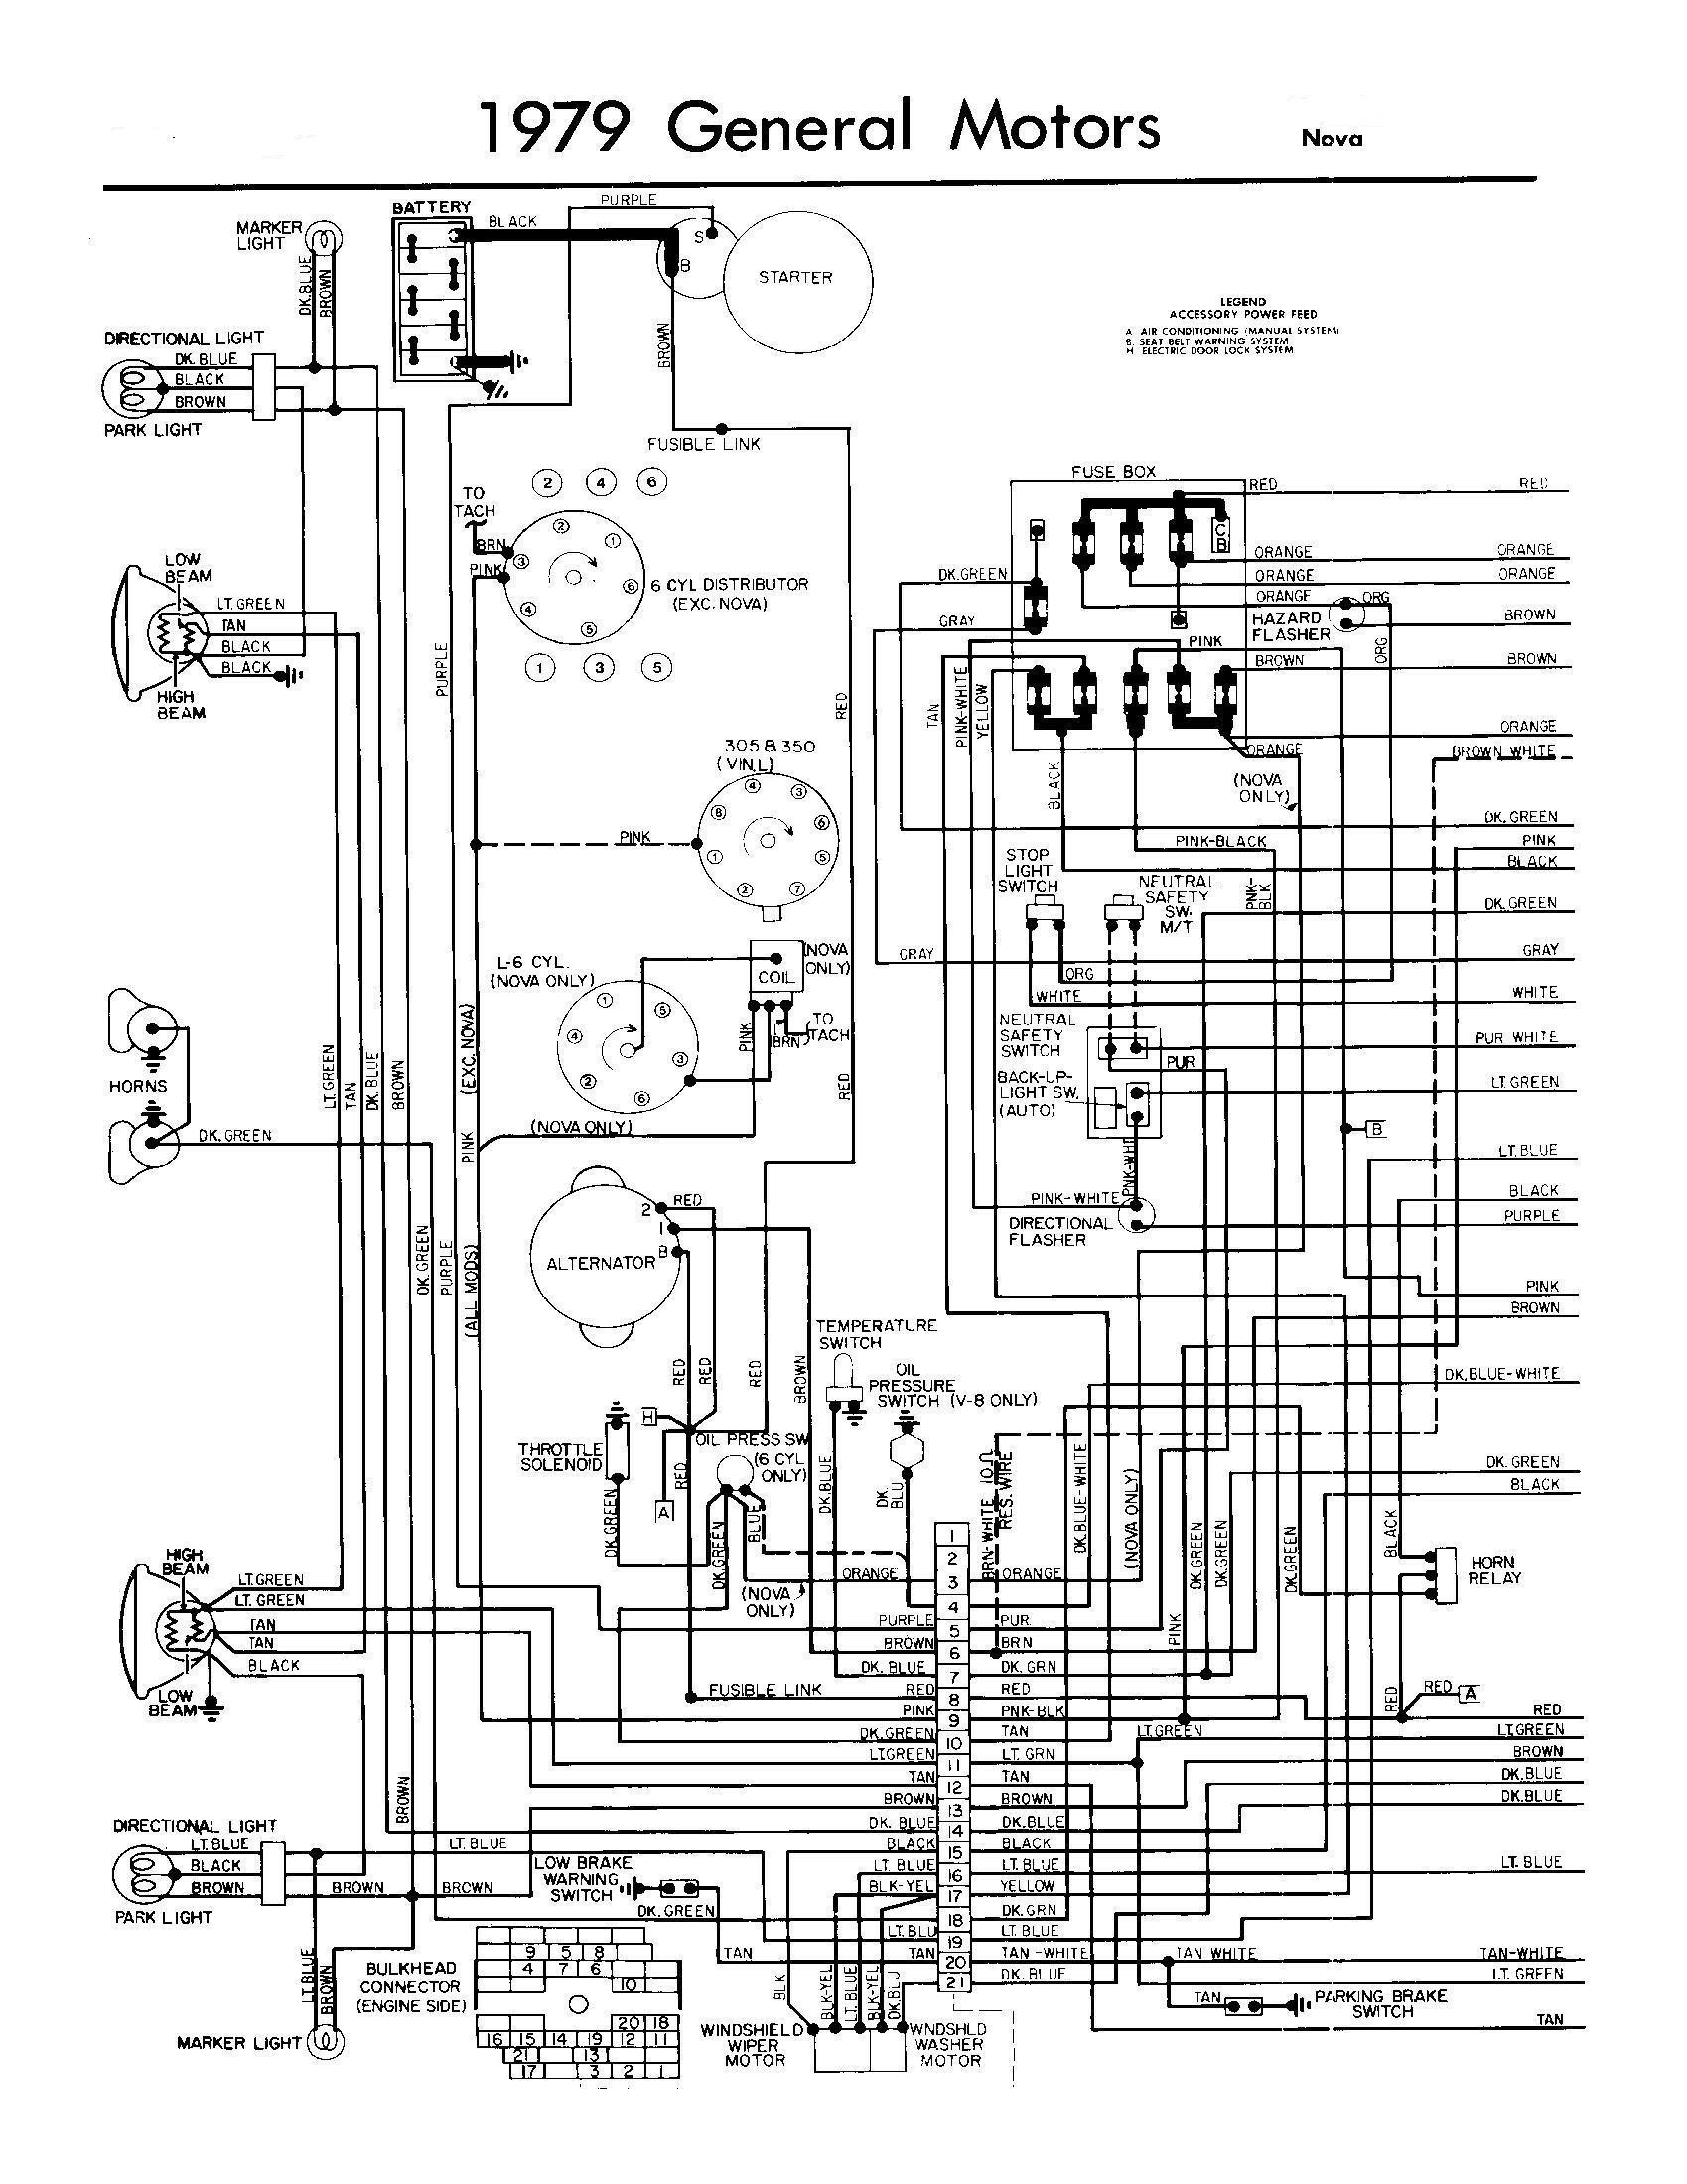 Truck Air System Diagram Management Unit Diagrams Besides ...